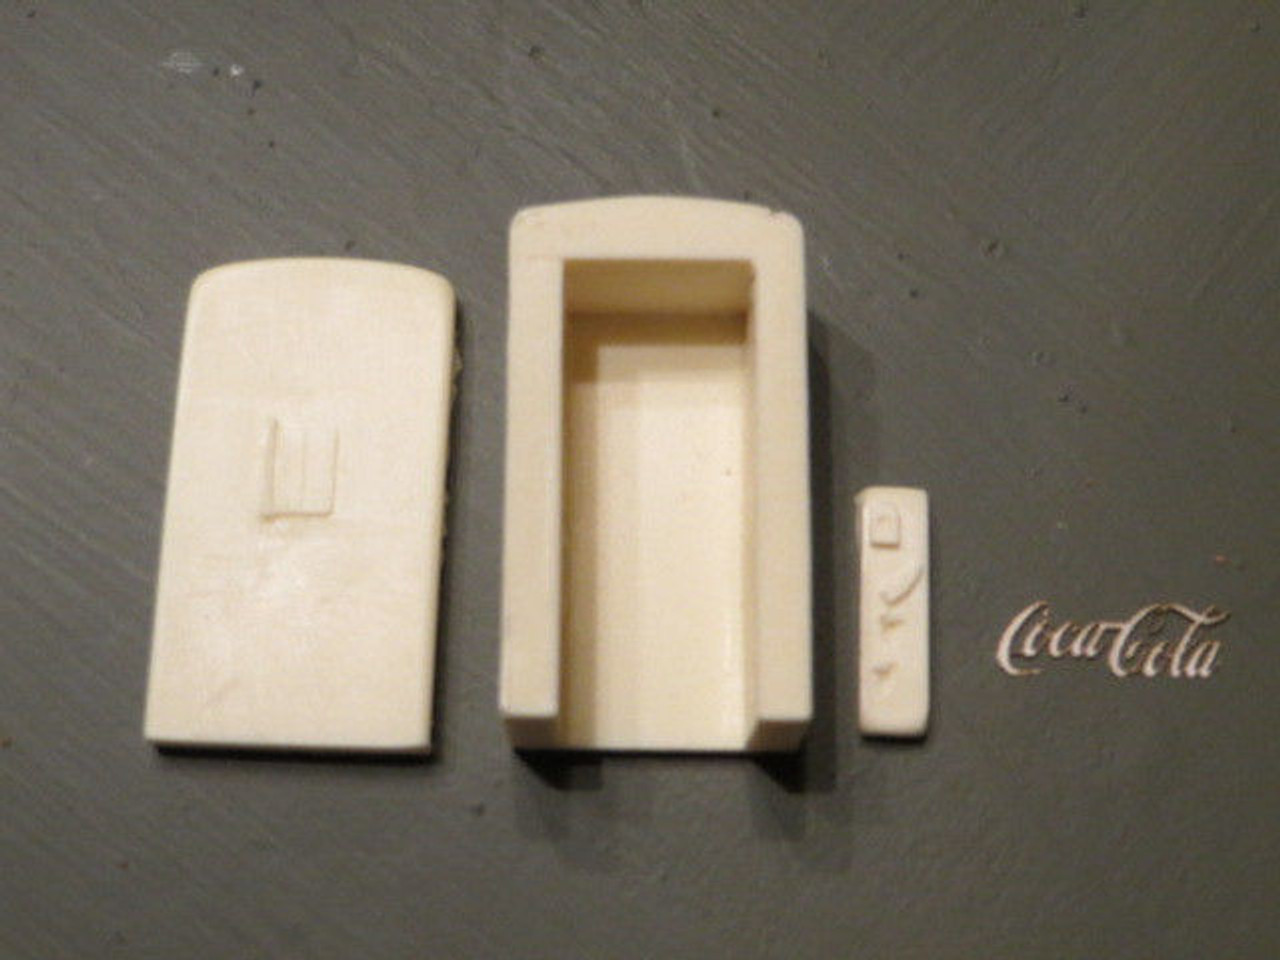 48-3006 Coca-Cola Coke Machine O Scale